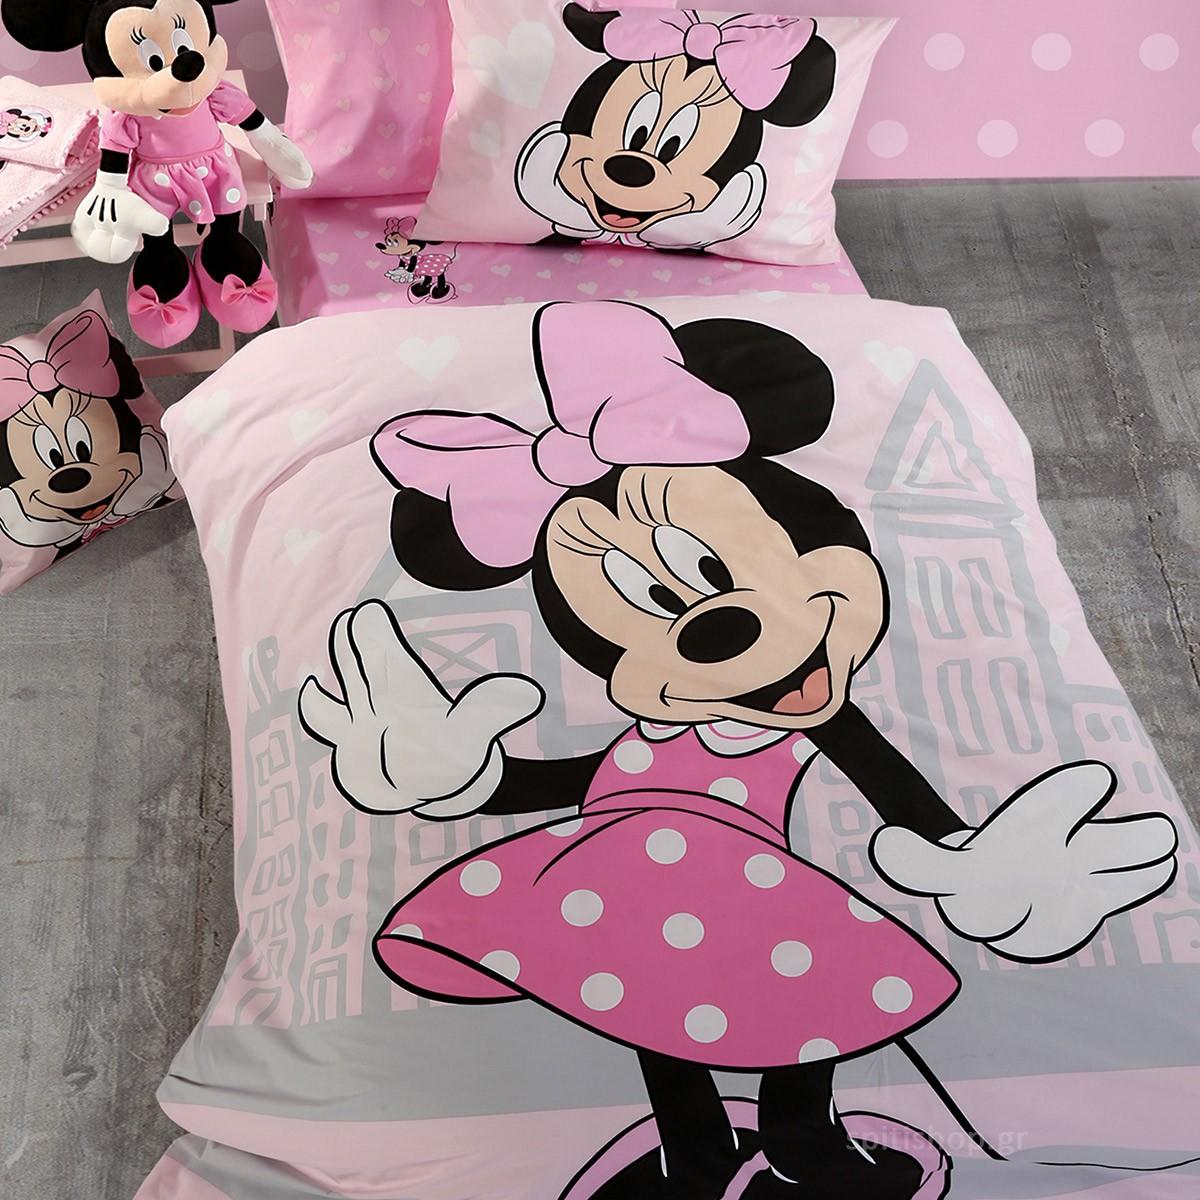 Παπλωματοθήκη Μονή (Σετ) Nef-Nef Disney Minnie Cute